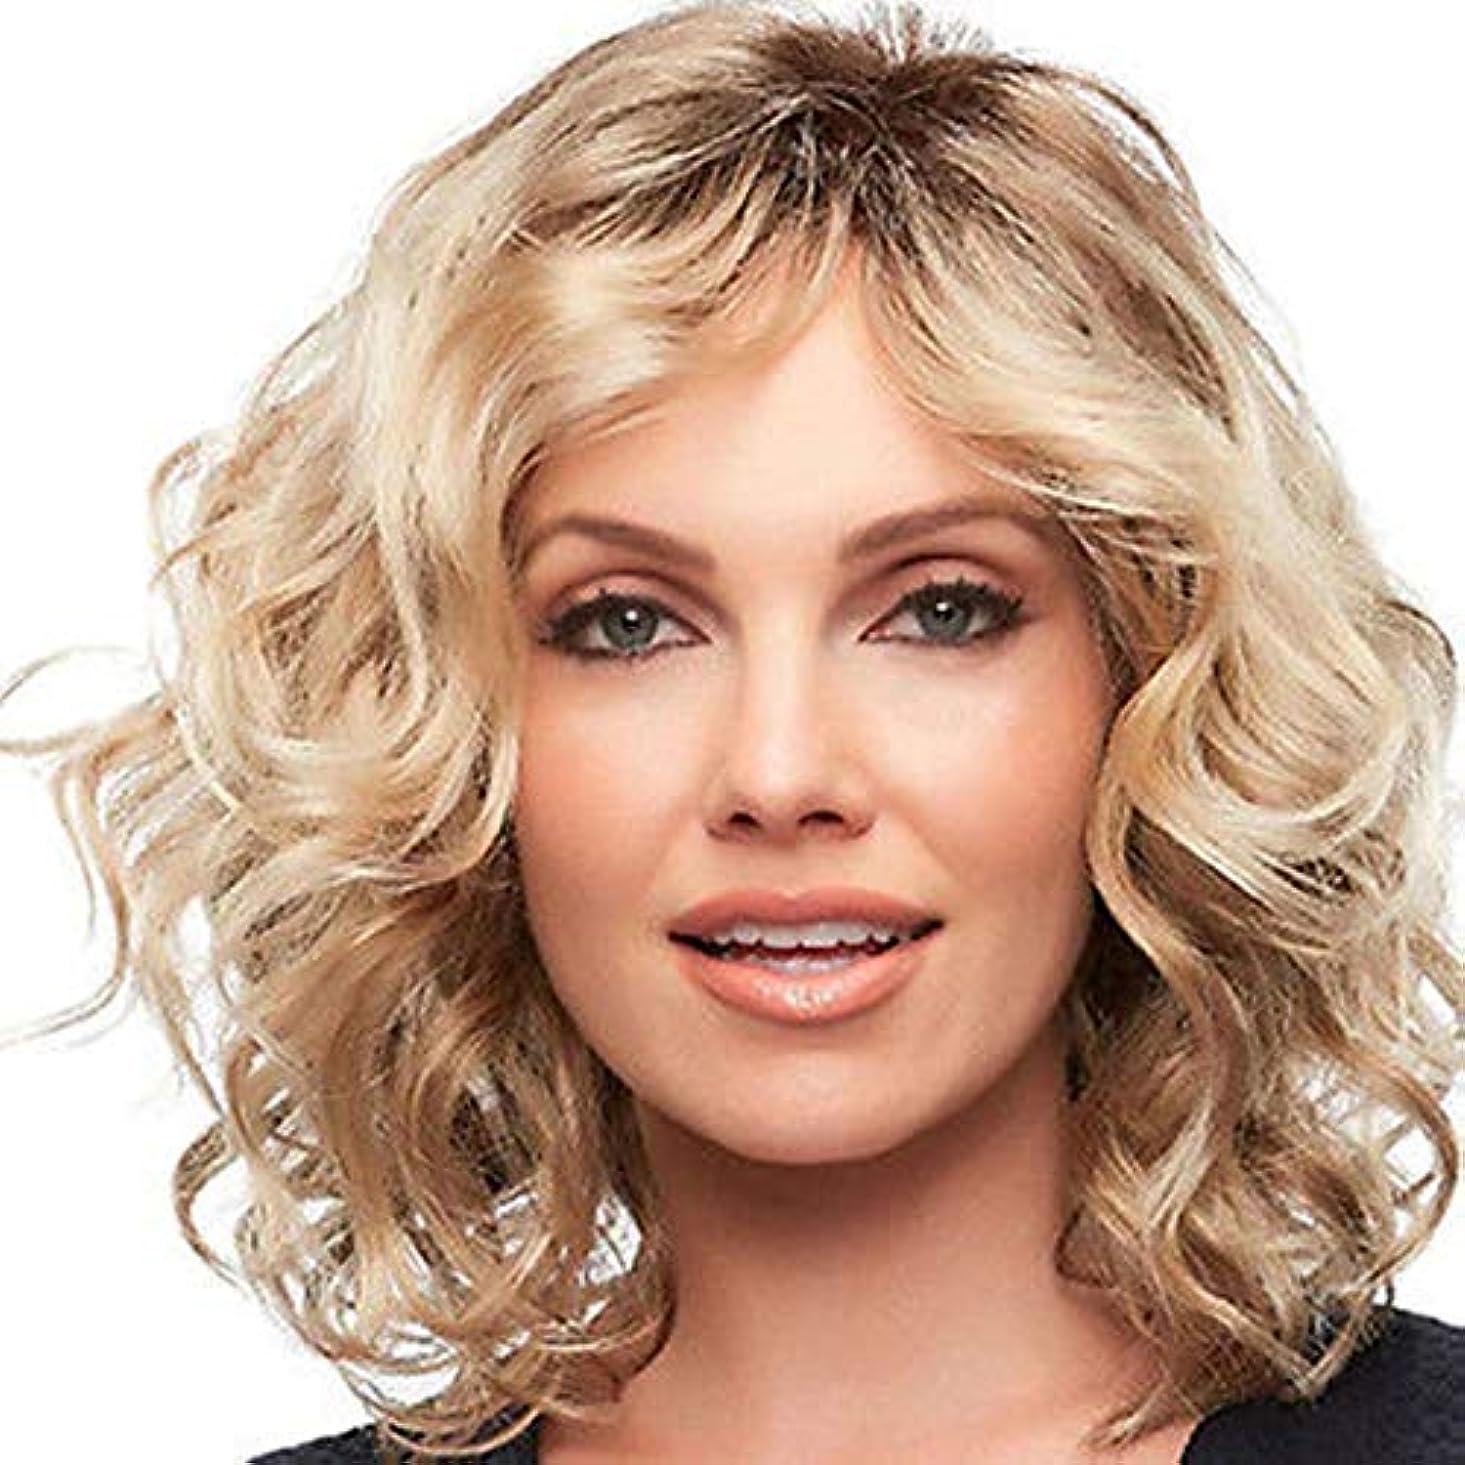 逆説セグメント脊椎YOUQIU 女子金髪ショートカーリーヘアウィッグふわふわヘアスタイリング中部ウィッグウィッグ (色 : Blonde)